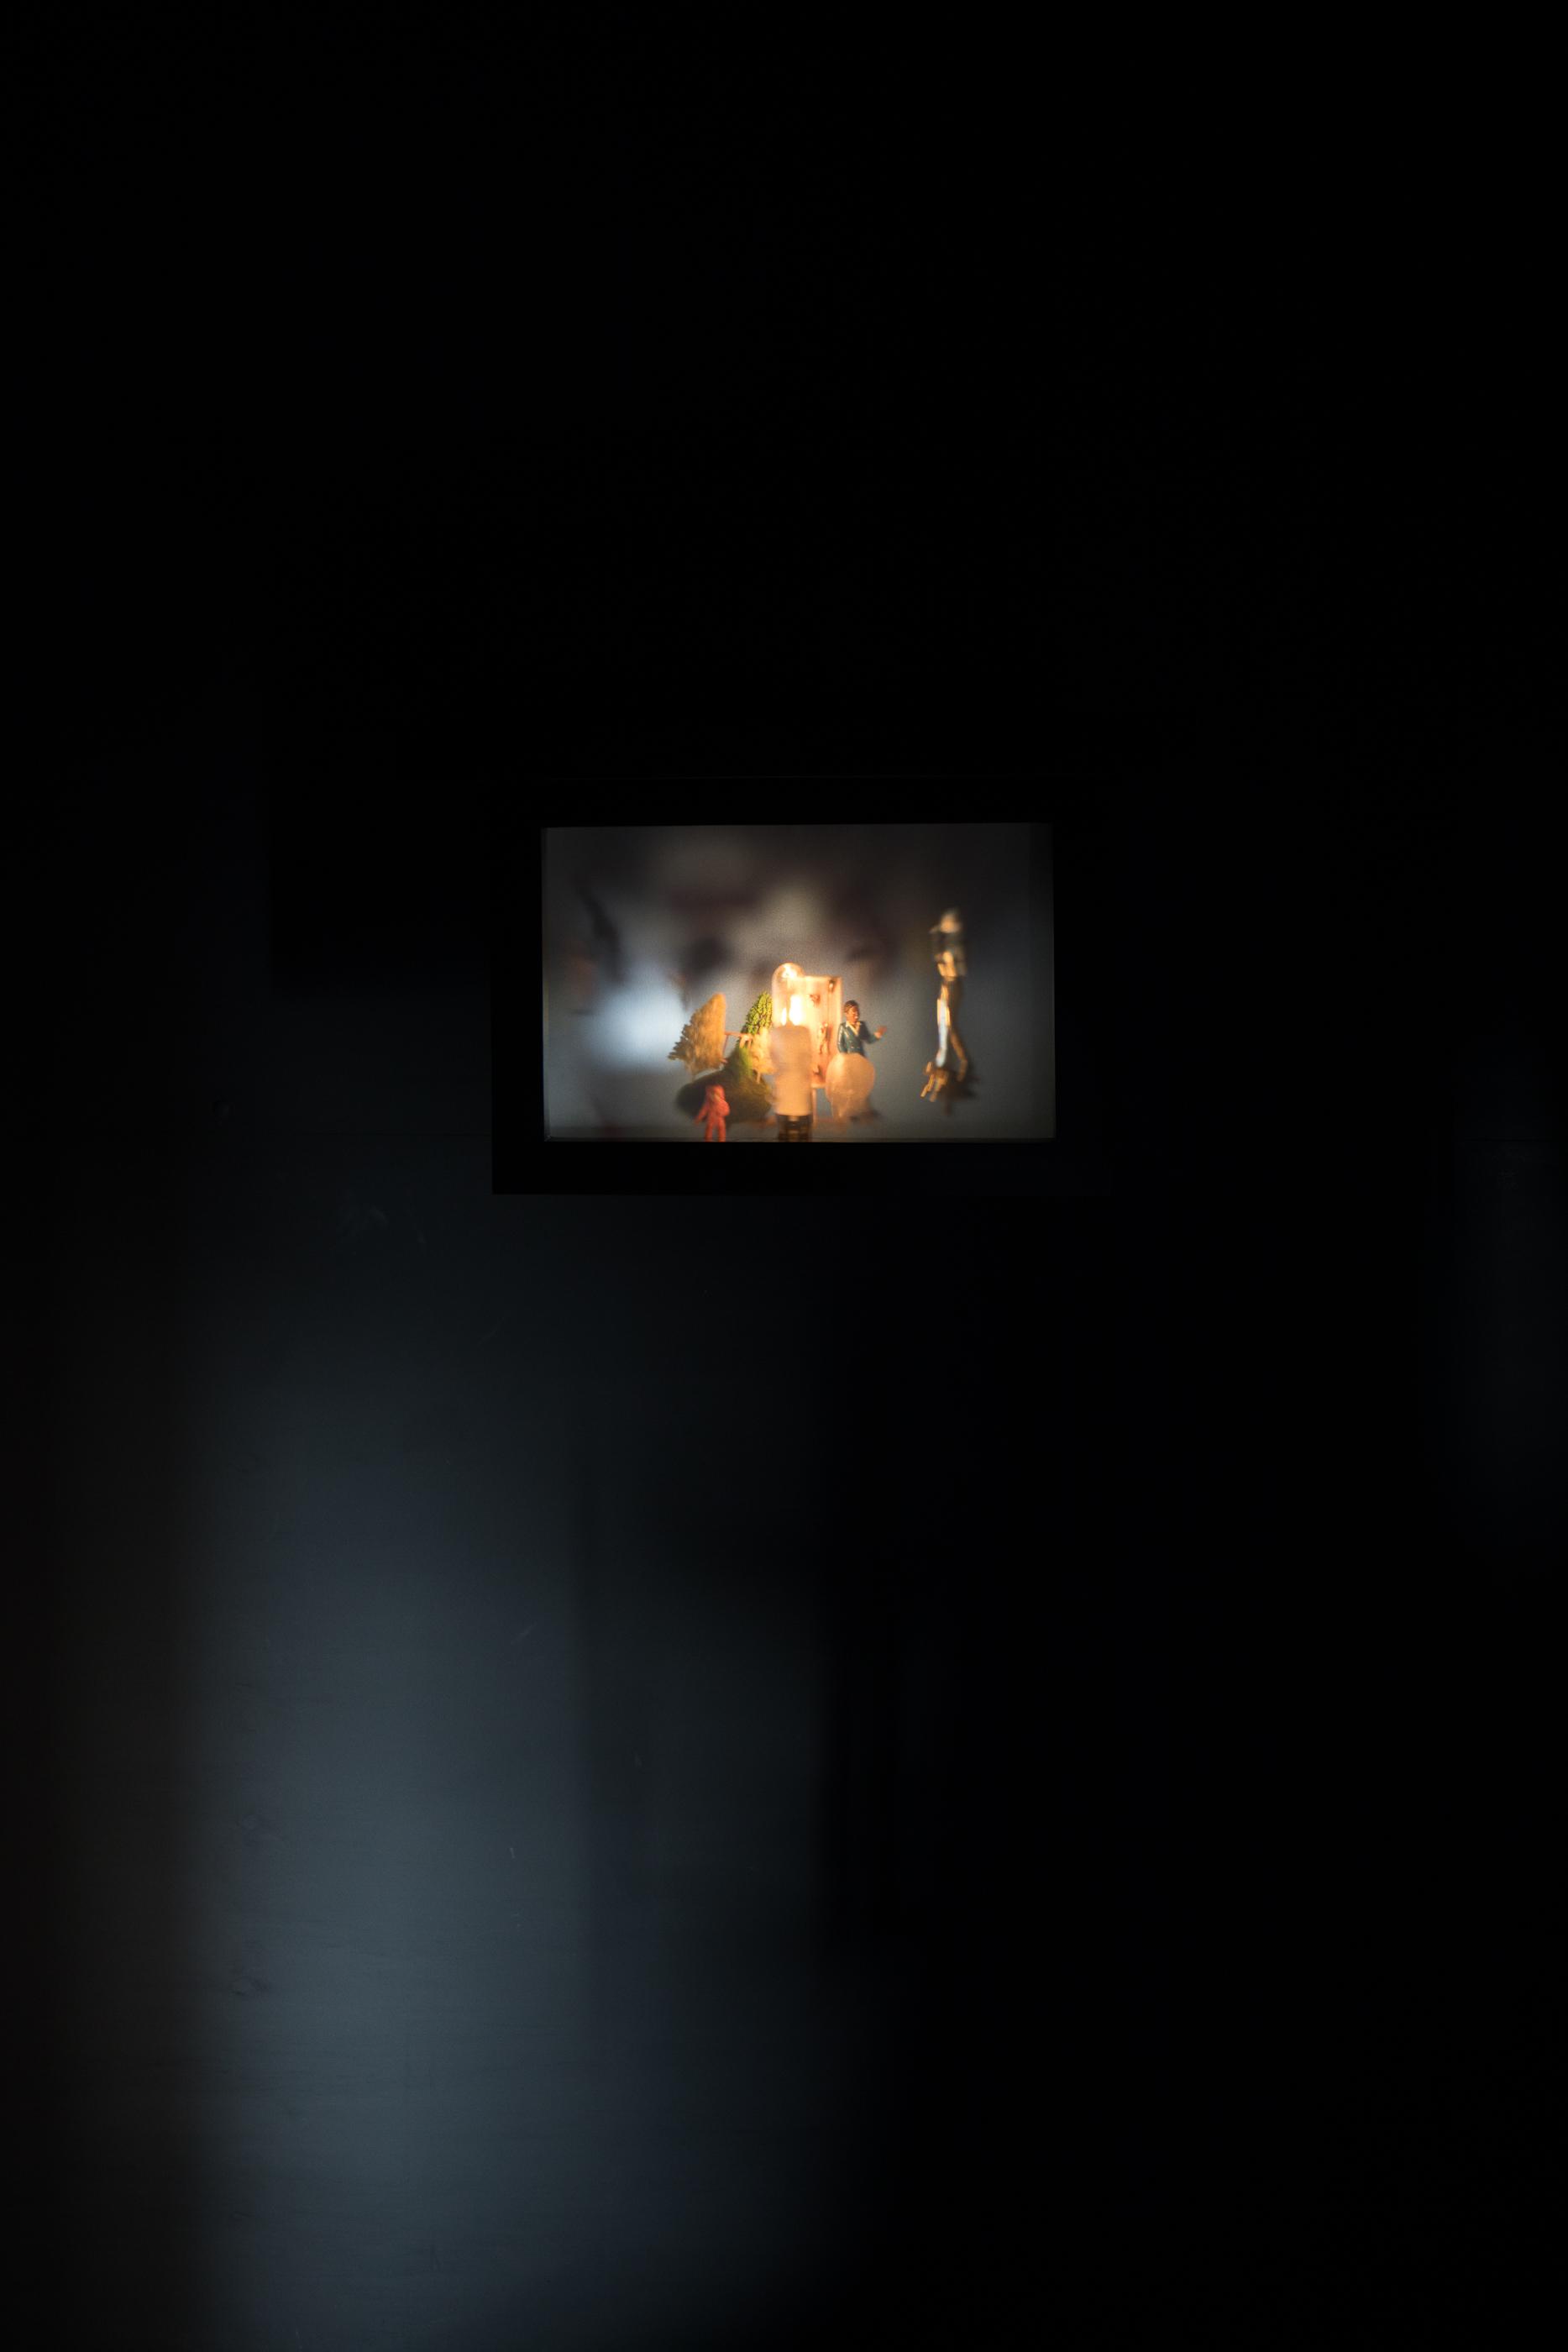 Cámara oscura #2, luciano goizueta, MAC | imagen:    roberto d'ambrosio